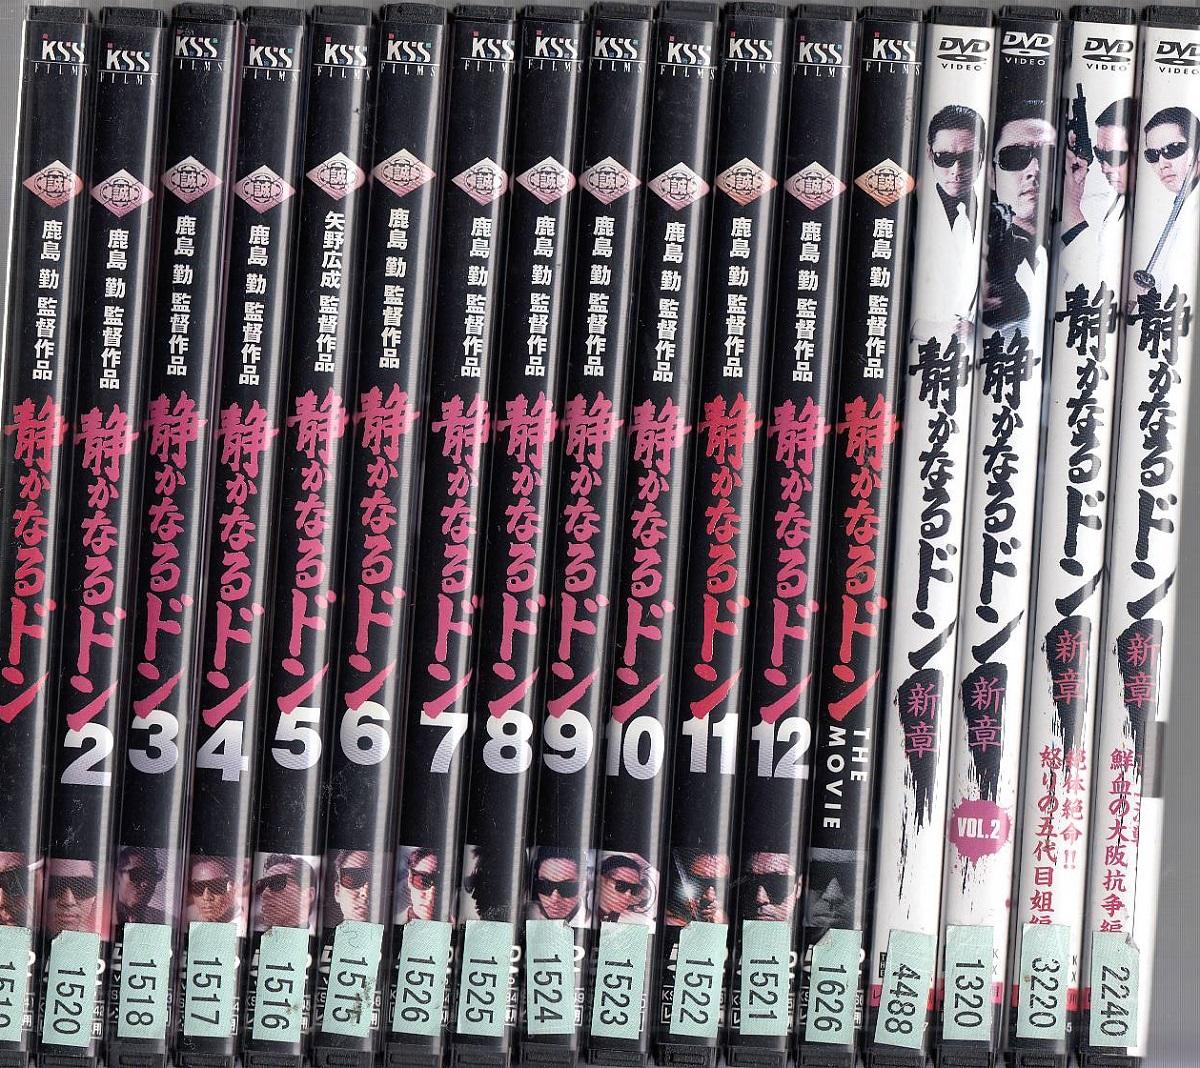 静かなるドン 全17巻セット全12巻+THE MOVIE+新章 全4巻【中古DVD/レンタル落ち/送料無料】